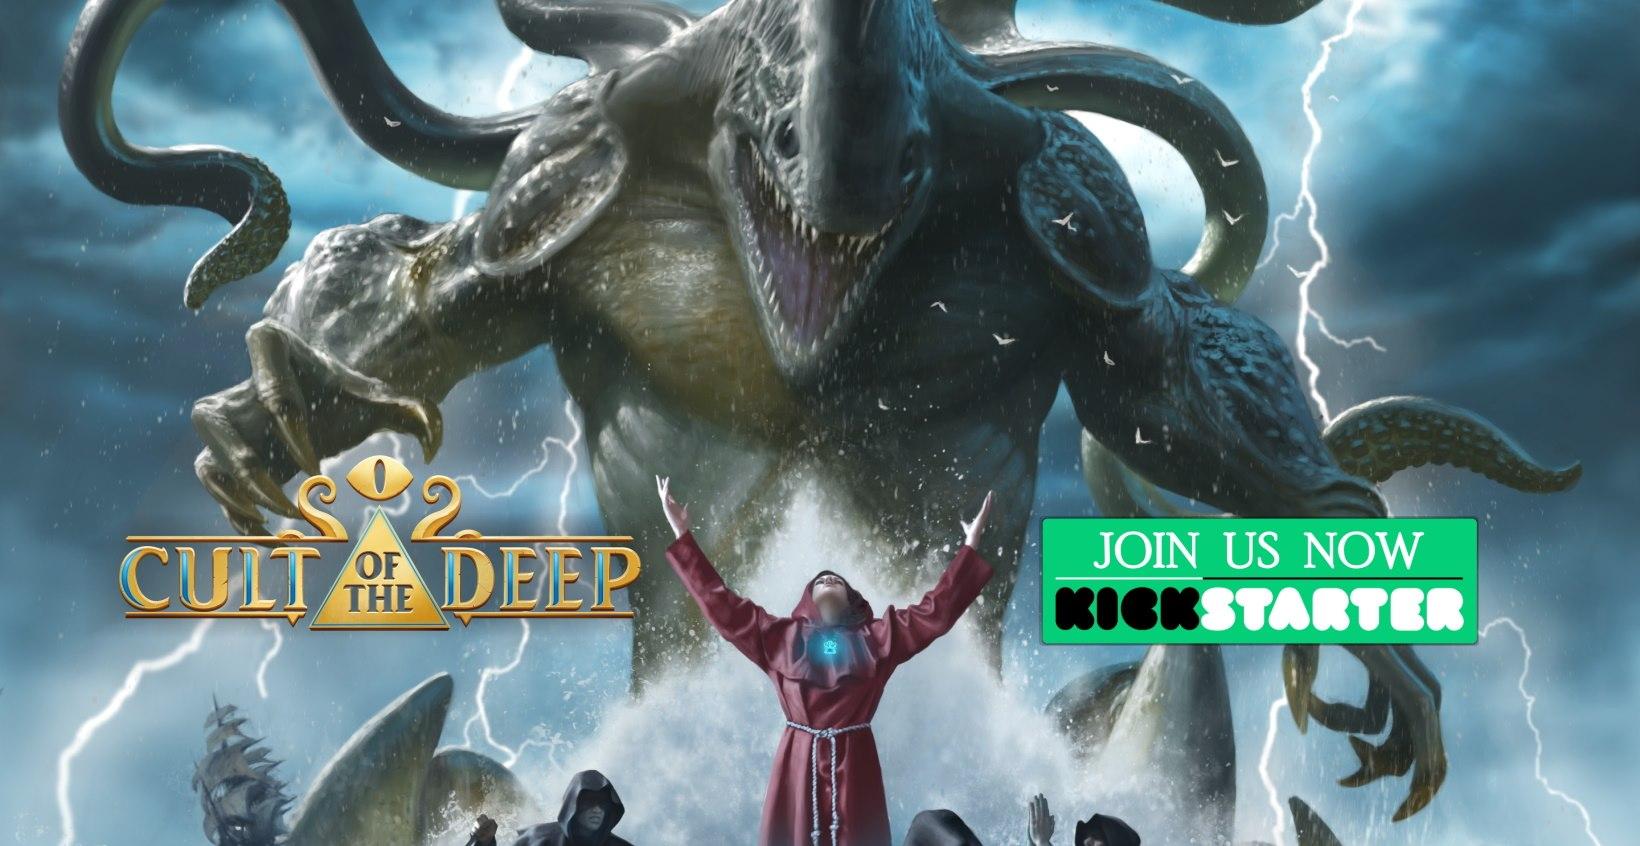 Cult of the Deep on Kickstarter